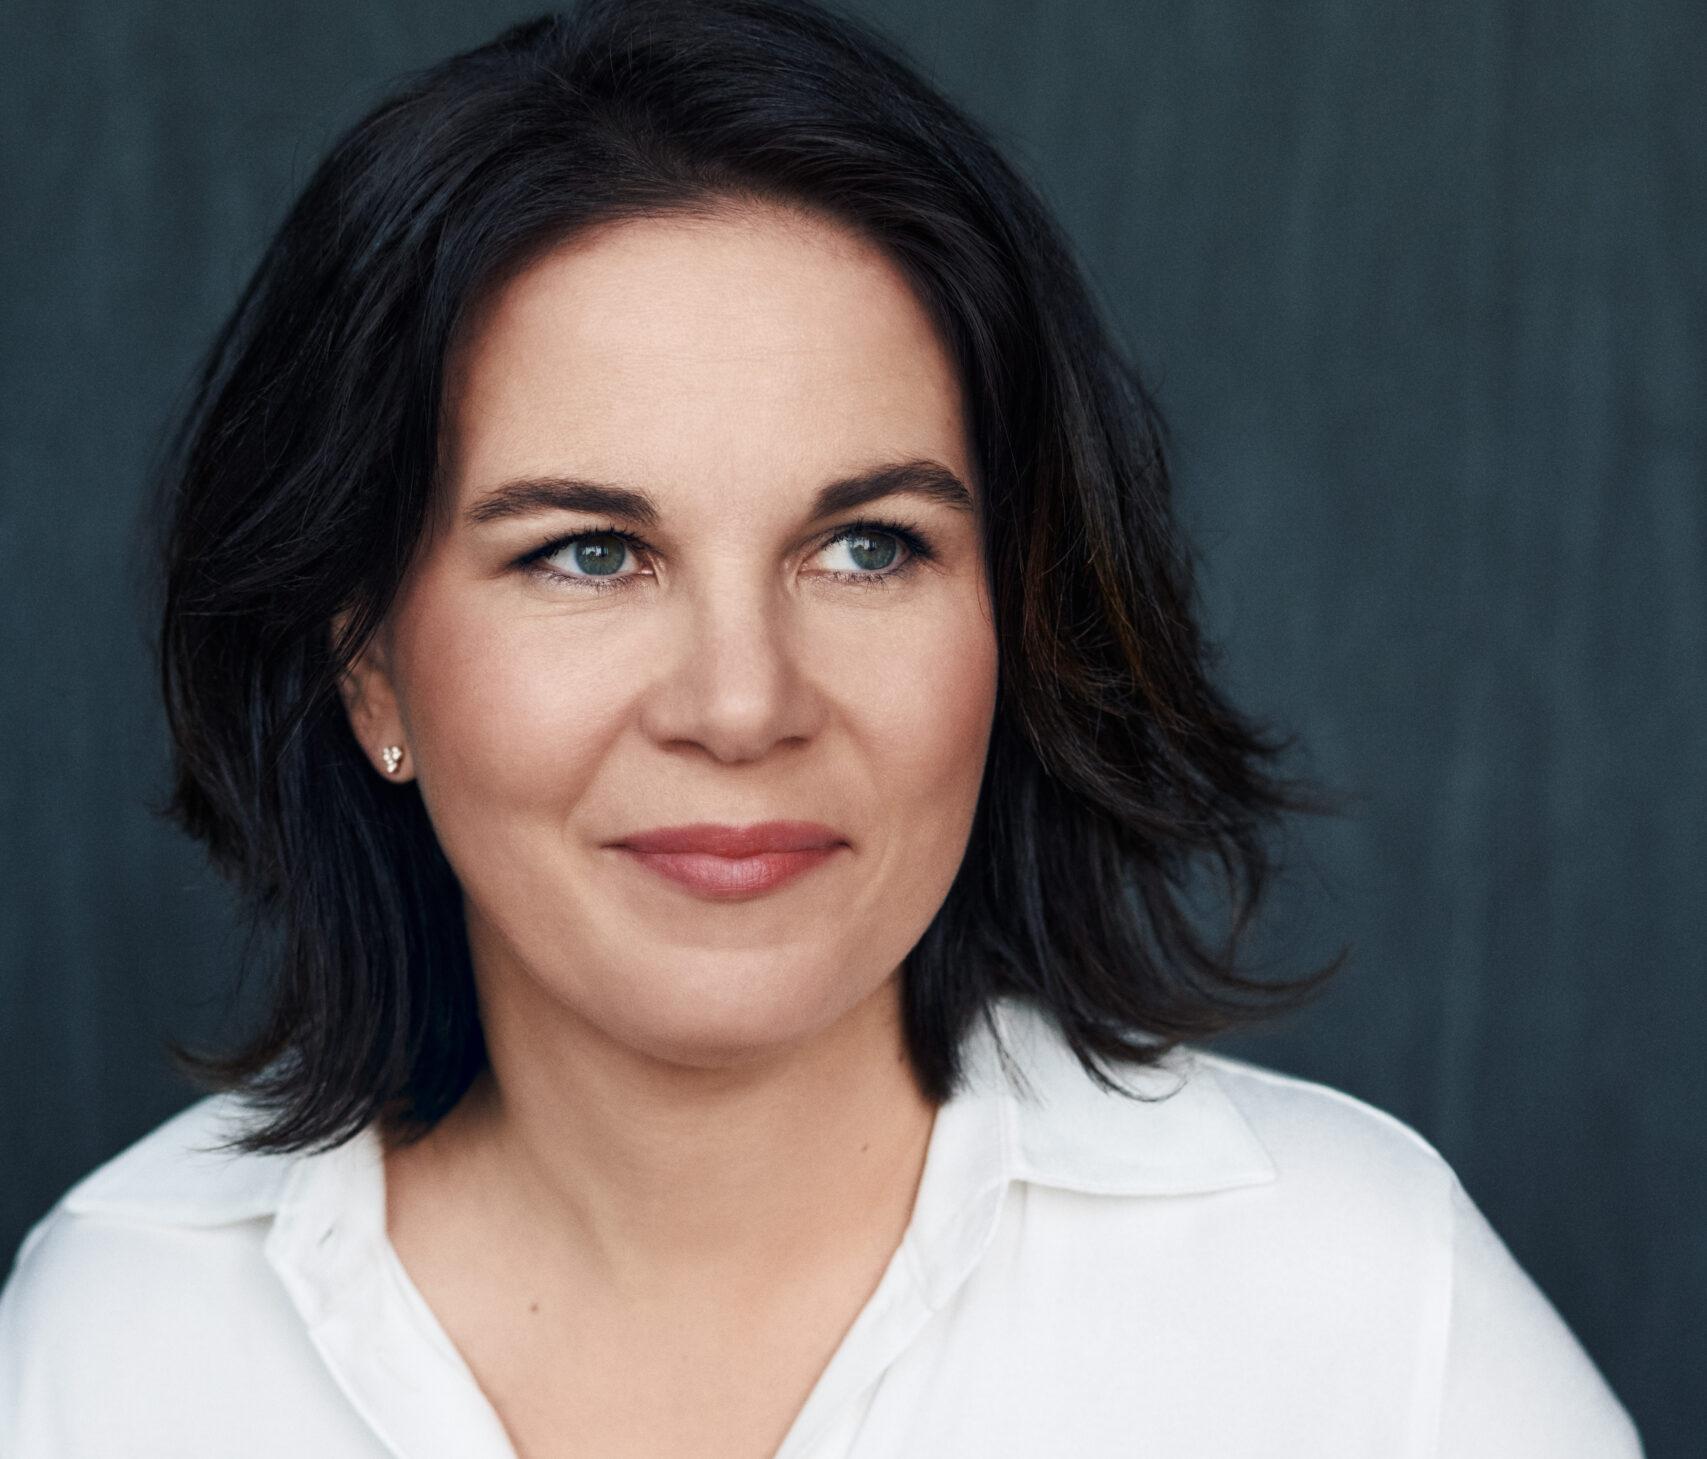 Stellungnahme zur Kandidateninnennominierung von Annalena Baerbock